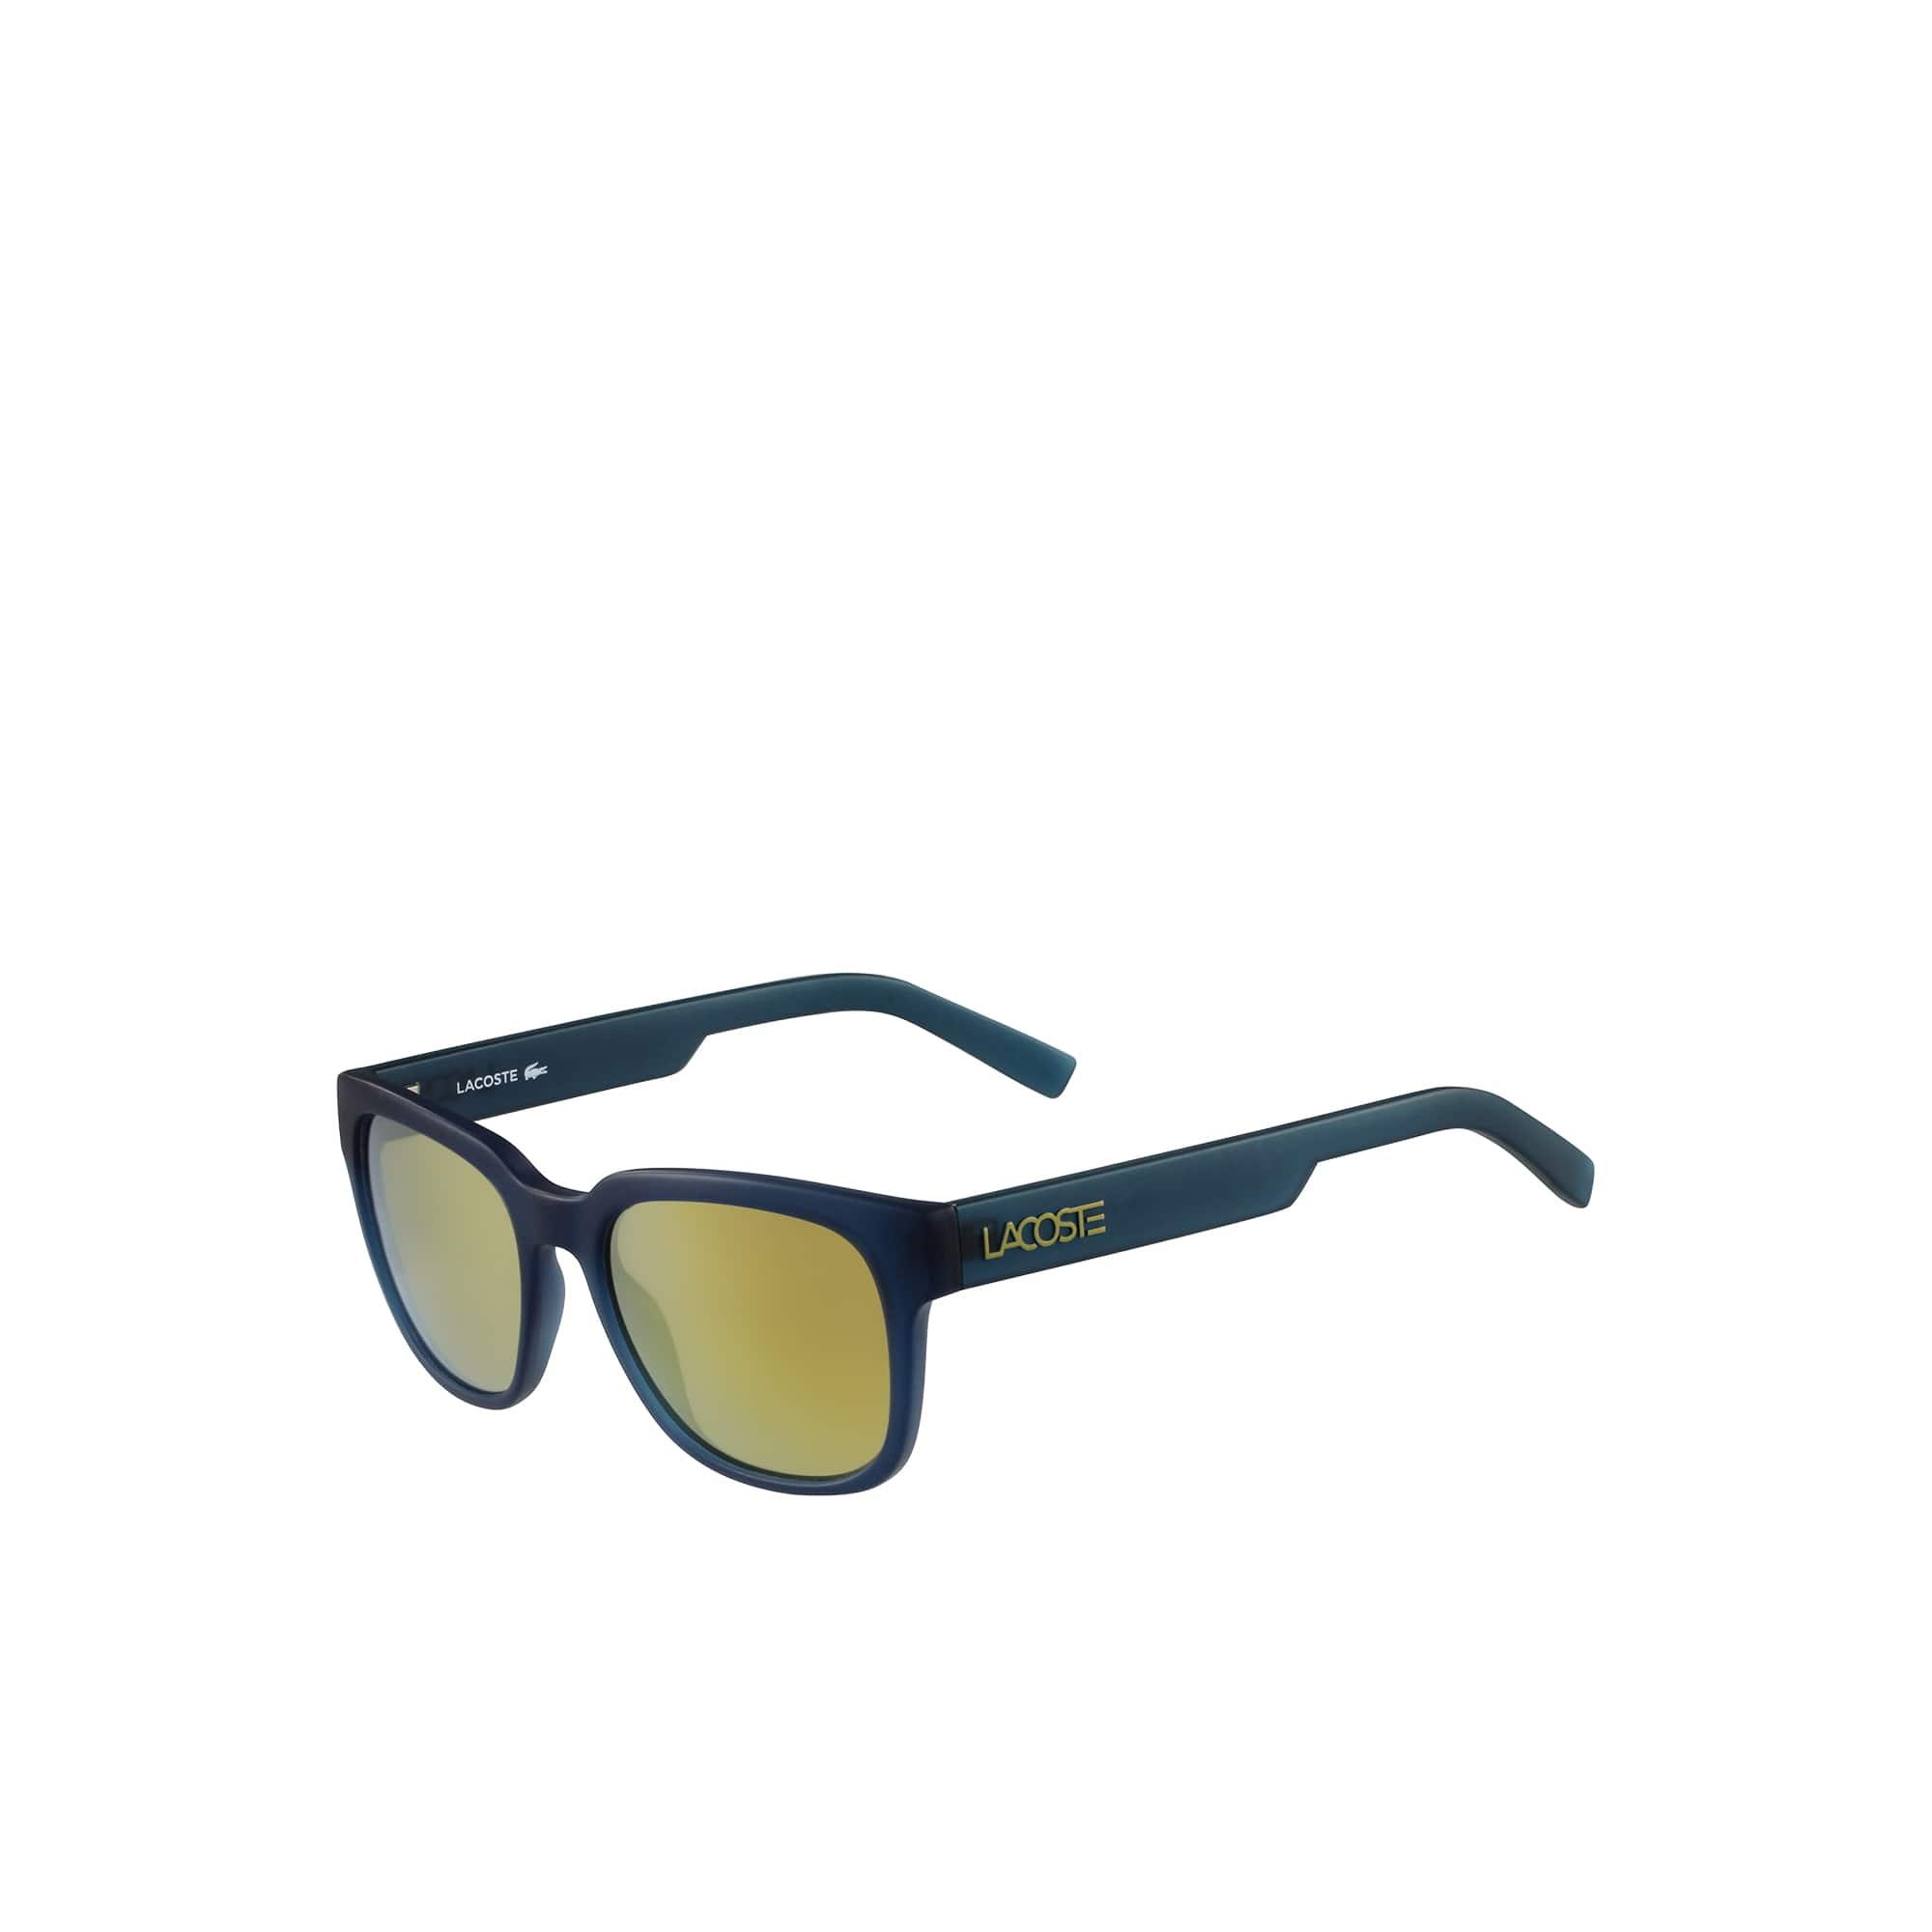 Grüne sportliche Sonnenbrille mit verspiegelten Gläsern